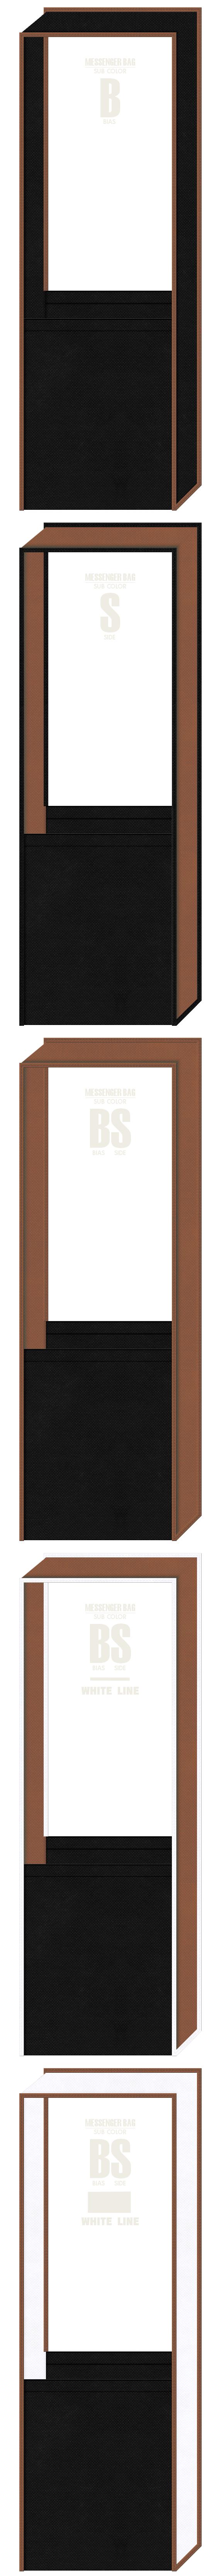 不織布メッセンジャーバッグのカラーシミュレーション(黒色・茶色・白色)